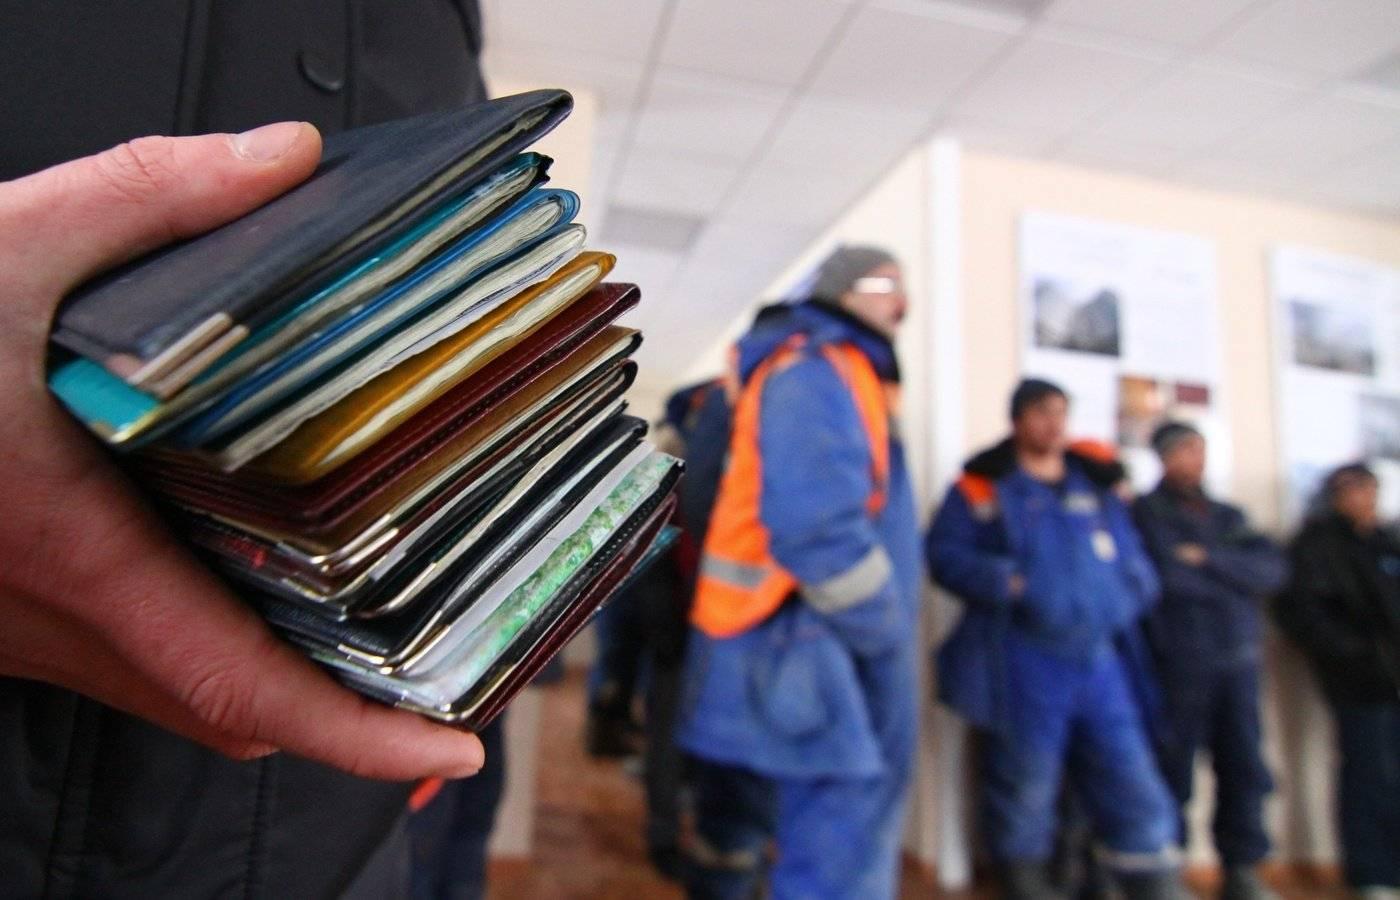 В Тверской области три человека незаконно зарегистрировали почти 300 иностранцев